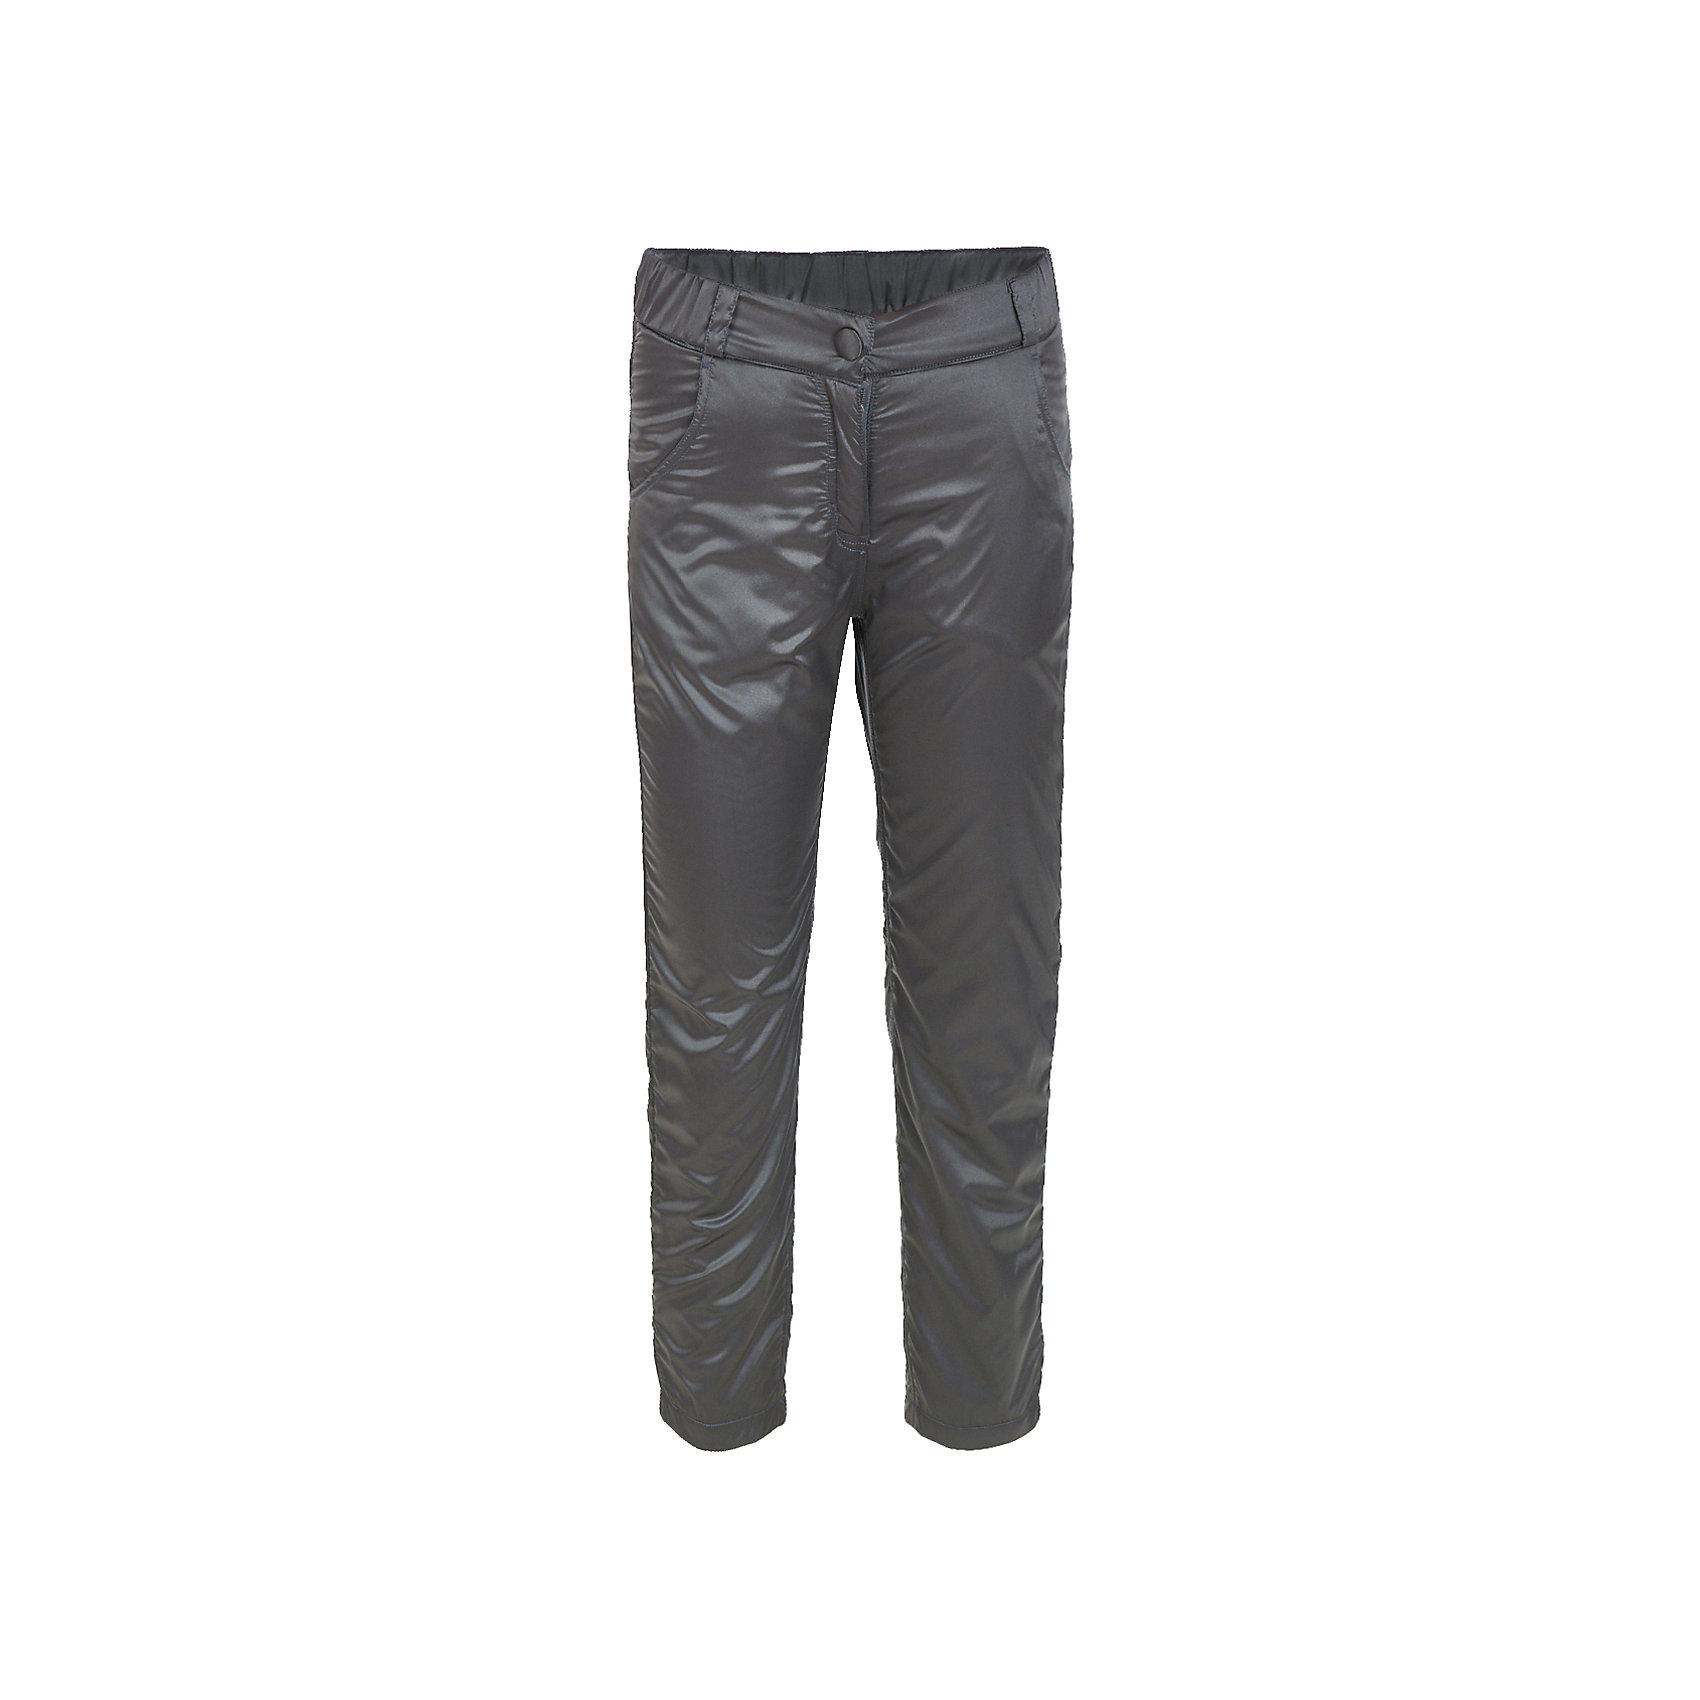 Брюки Button Blue для девочкиВерхняя одежда<br>Характеристики товара:<br><br>• цвет: черный;<br>• состав: 55% полиэстер, 45% нейлон;<br>• подкладка: 100% хлопок, 100% полиэстер, флис;<br>• без дополнительного утепления;<br>• сезон: демисезон;<br>• температурный режим: от +7 до -10С;<br>• застежка: ширинка на молнии, пуговица;<br>• сплошная флисовая подкладка;<br>• плащевая ткань сверху;<br>• непромокаемые;<br>• два боковых кармана;<br>• страна бренда: Россия;<br>• страна изготовитель: Китай.<br><br>Демисезонные брюки на флисе для девочки. Брюки застегиваются на ширинку на молнии и пуговицу-крючок. Сверху брюки выполнены из водонепроницаемой плащевой ткани, при этом изделие дышит. Внутри сплошная флисовая подкладка, которая сохранит тепло.<br><br>Брюки Button Blue (Баттон Блю) можно купить в нашем интернет-магазине.<br><br>Ширина мм: 215<br>Глубина мм: 88<br>Высота мм: 191<br>Вес г: 336<br>Цвет: темно-серый<br>Возраст от месяцев: 144<br>Возраст до месяцев: 156<br>Пол: Женский<br>Возраст: Детский<br>Размер: 158,98,104,110,116,122,128,134,140,146,152<br>SKU: 7038005